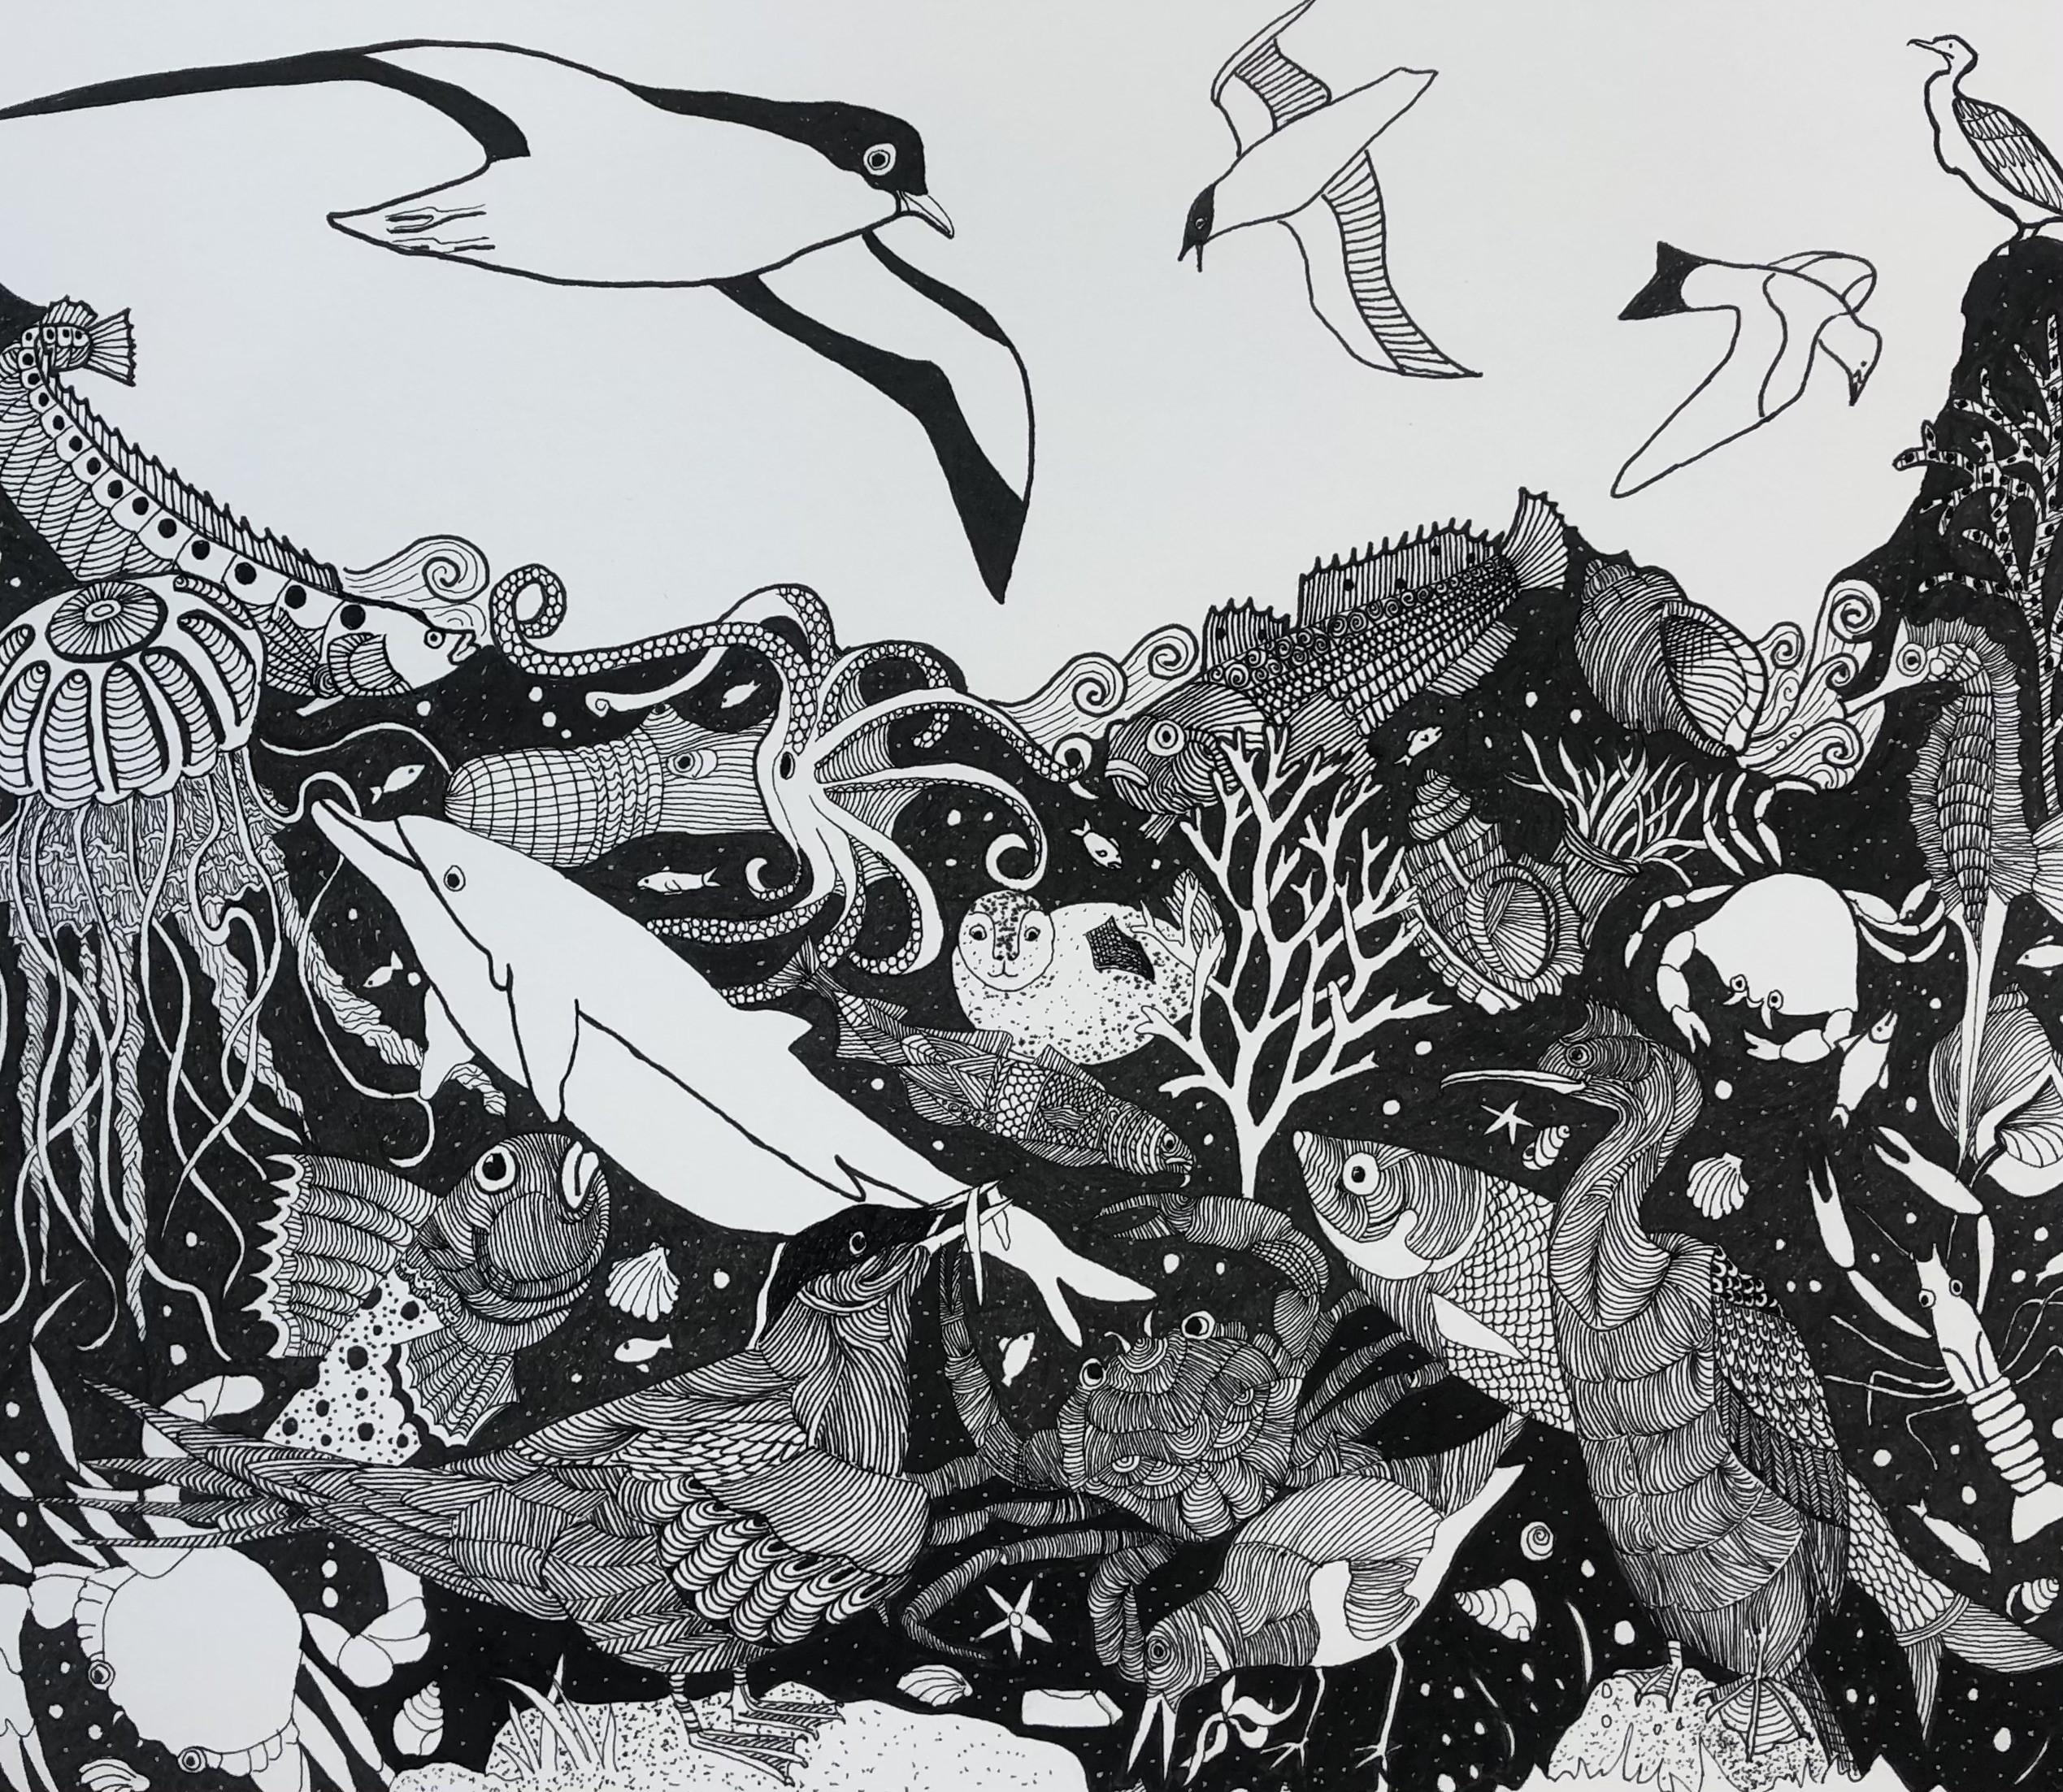 Seascape II     Pen & Ink     24 x 28 cm   (framed size 37 x 41 cm) Black frame.   Off-white mount